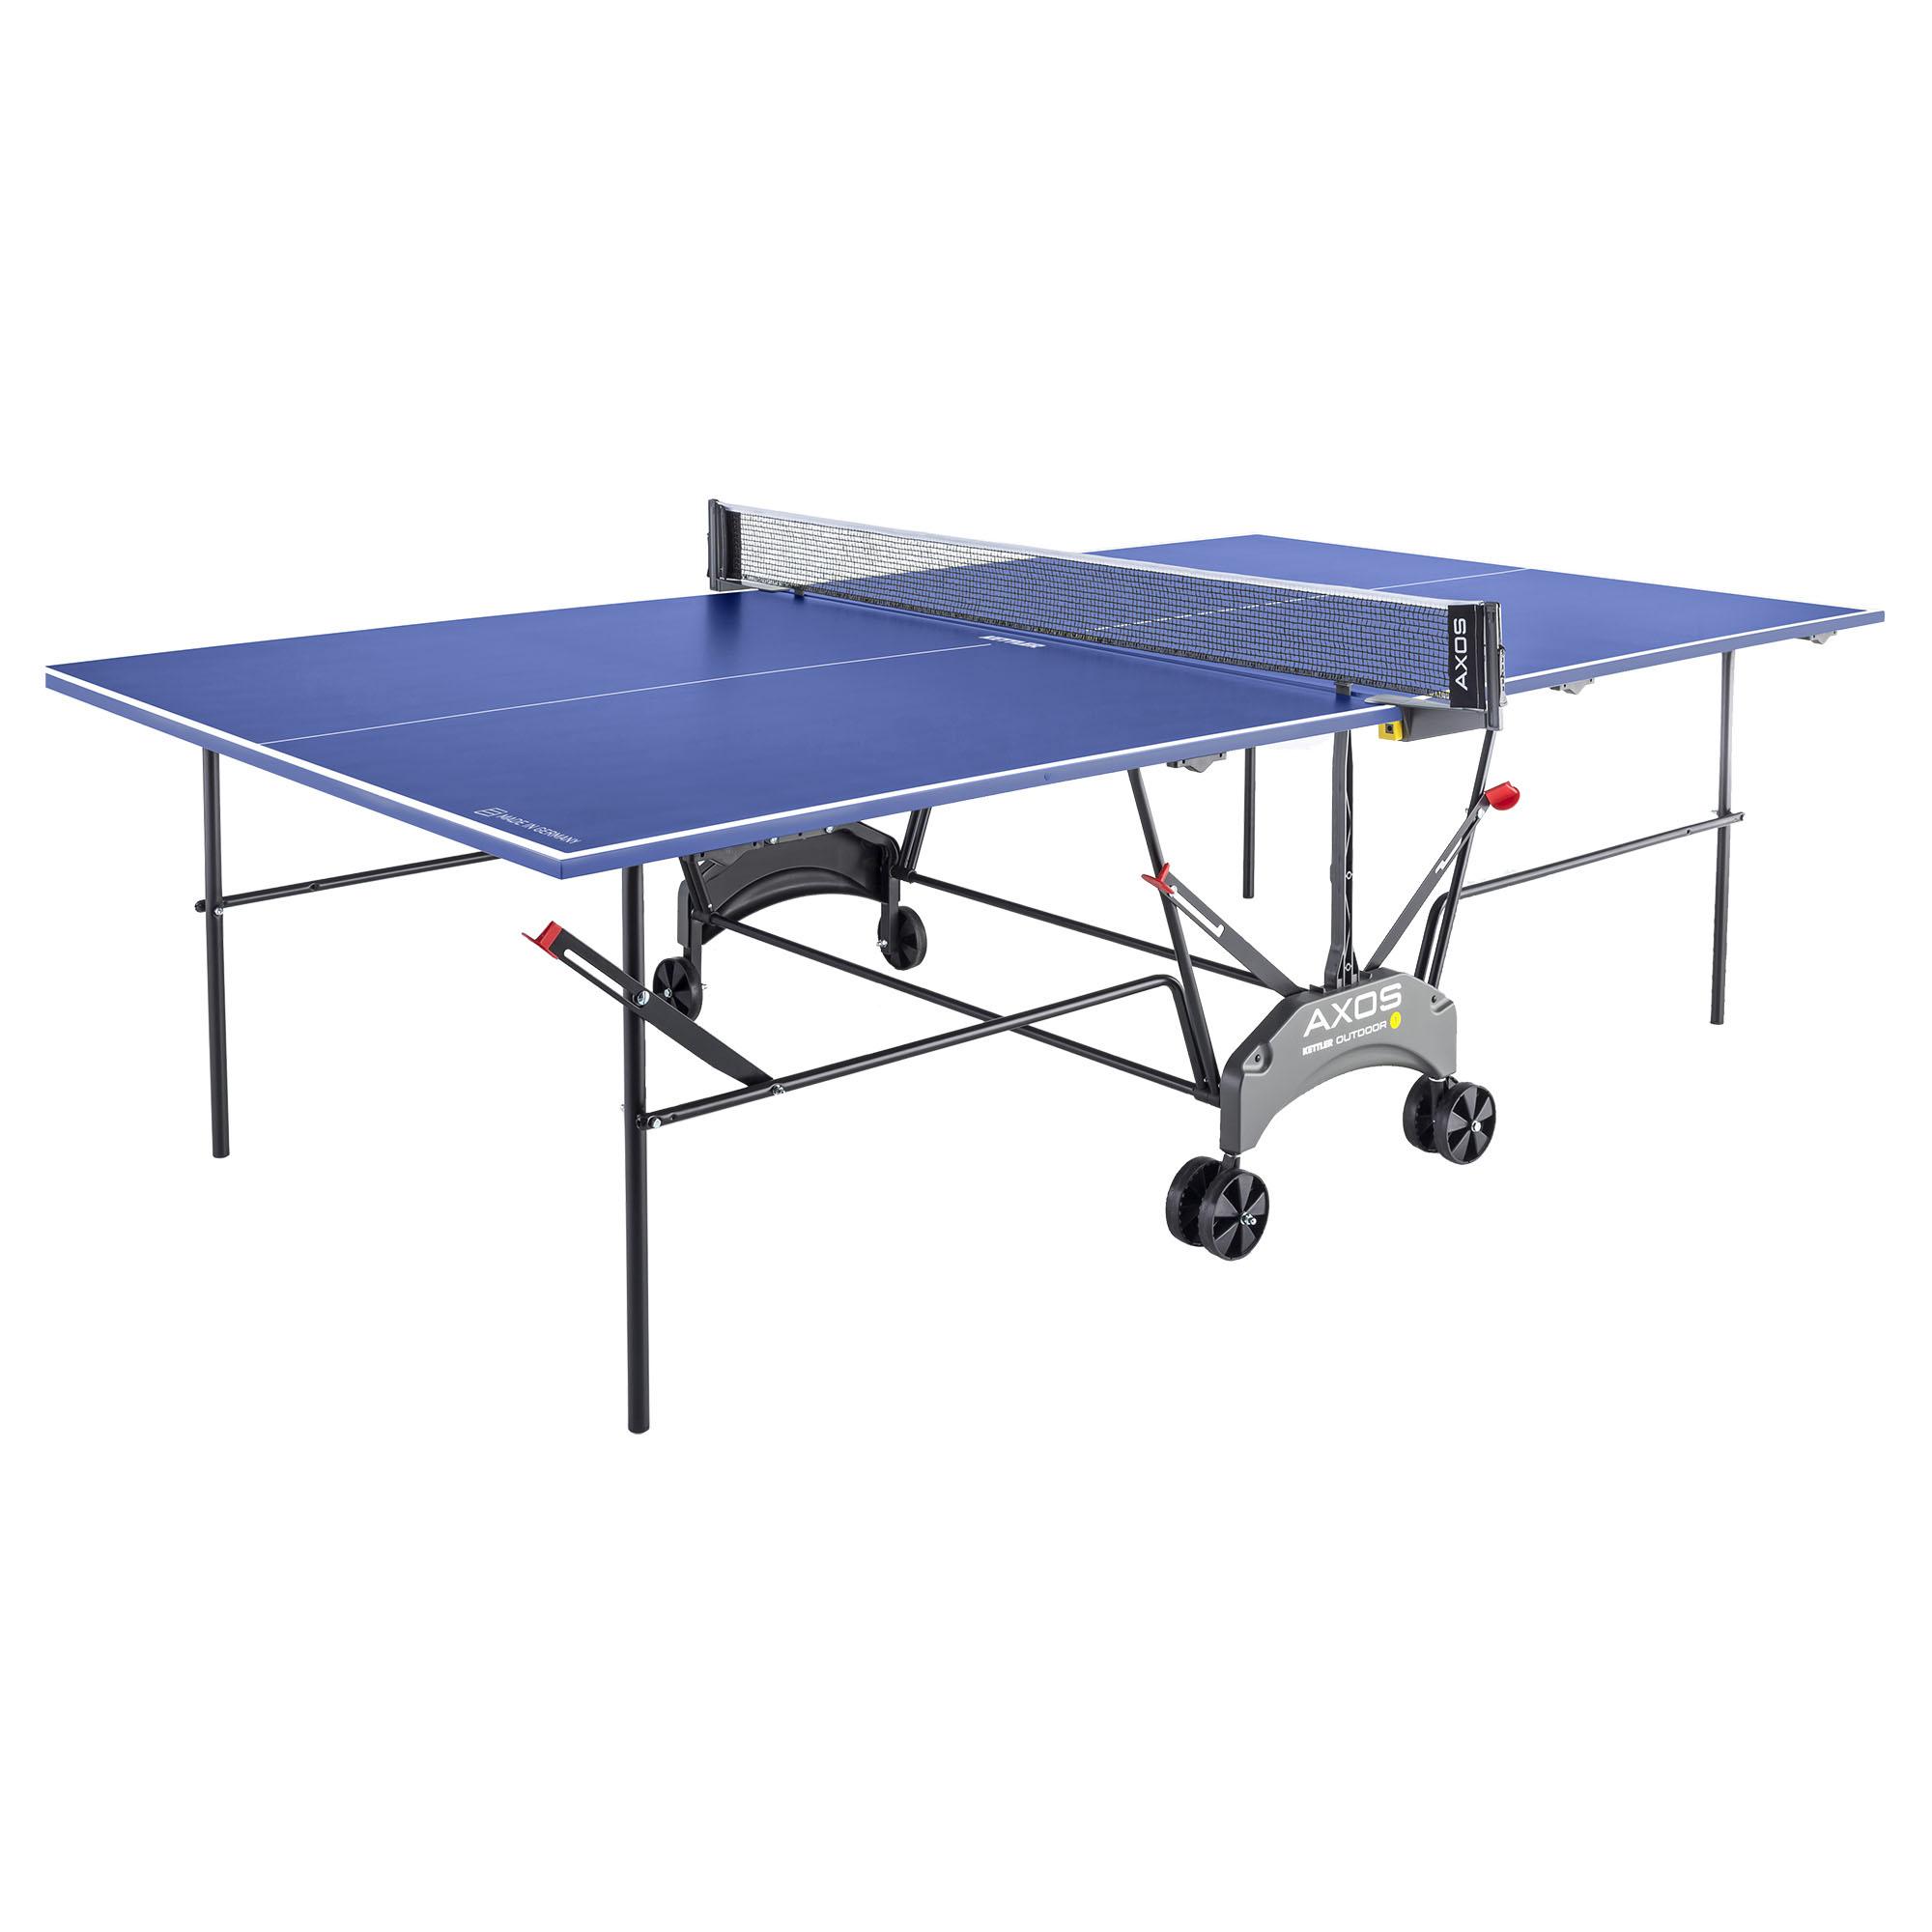 Outdoor table tennis table kettler axos 1 outdoor table tennis table